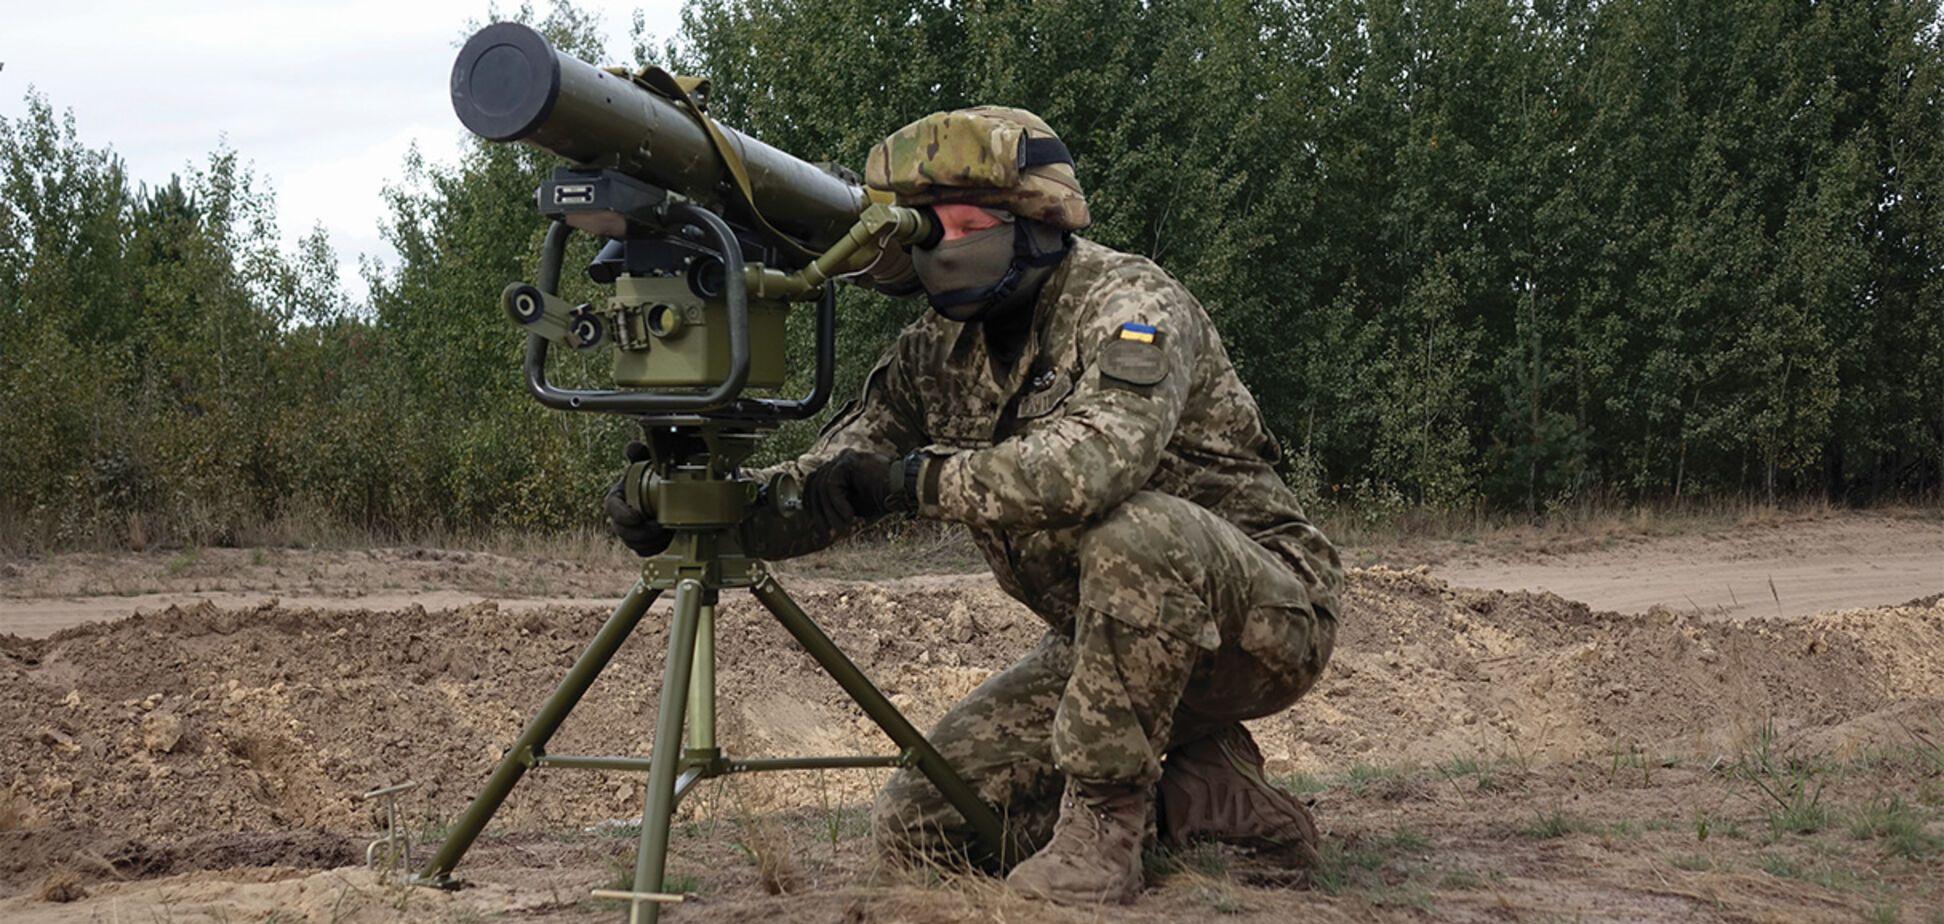 Предупреждение Кремлю: украинскую армию усилили мощным аналогом Javelin